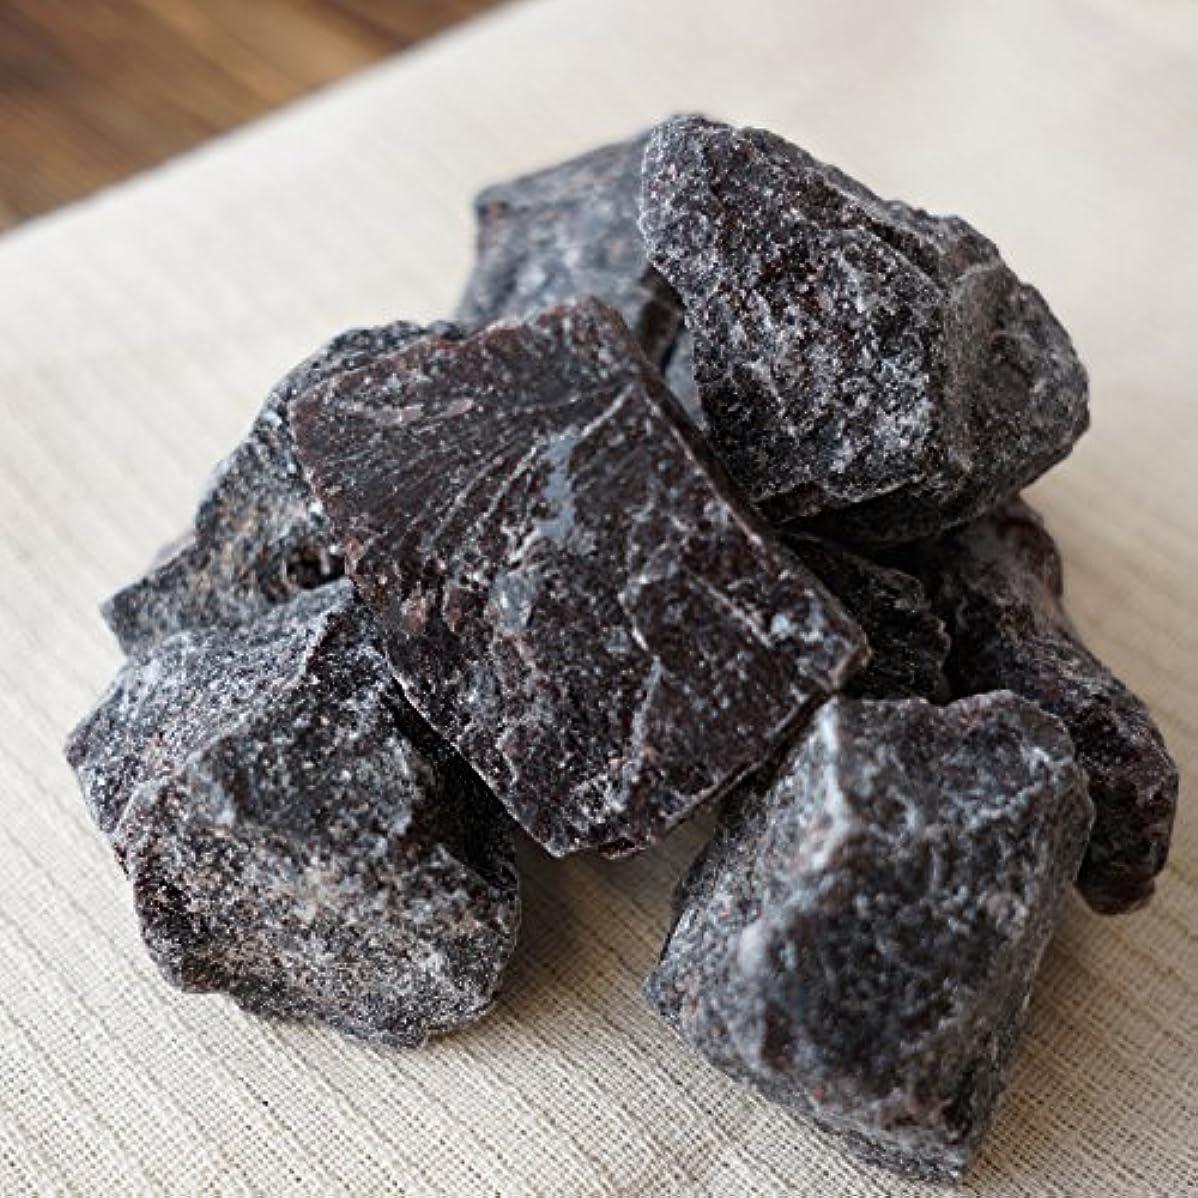 援助ここに吸う希少 インド岩塩 ルビー ブロック 約2-5cm 20kg 20,000g 原料